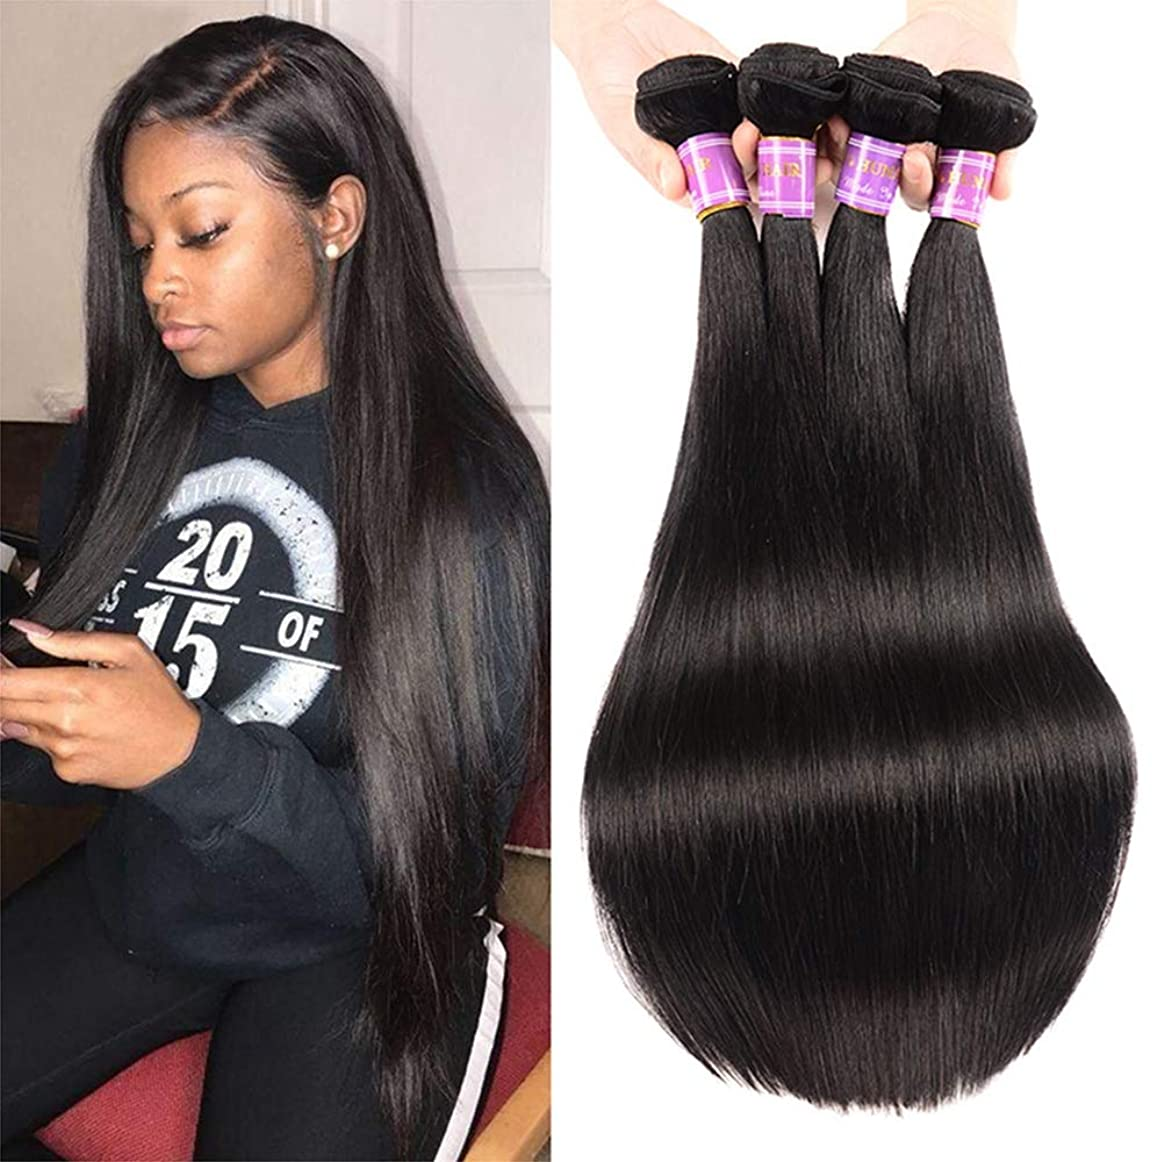 楽しませる連続的政治的女性髪の毛編むブラジルの髪バンドルで閉鎖ストレートフリーパーツ未処理のブラジルのストレートヘアバンドル8Aストレート人間の髪バンドル